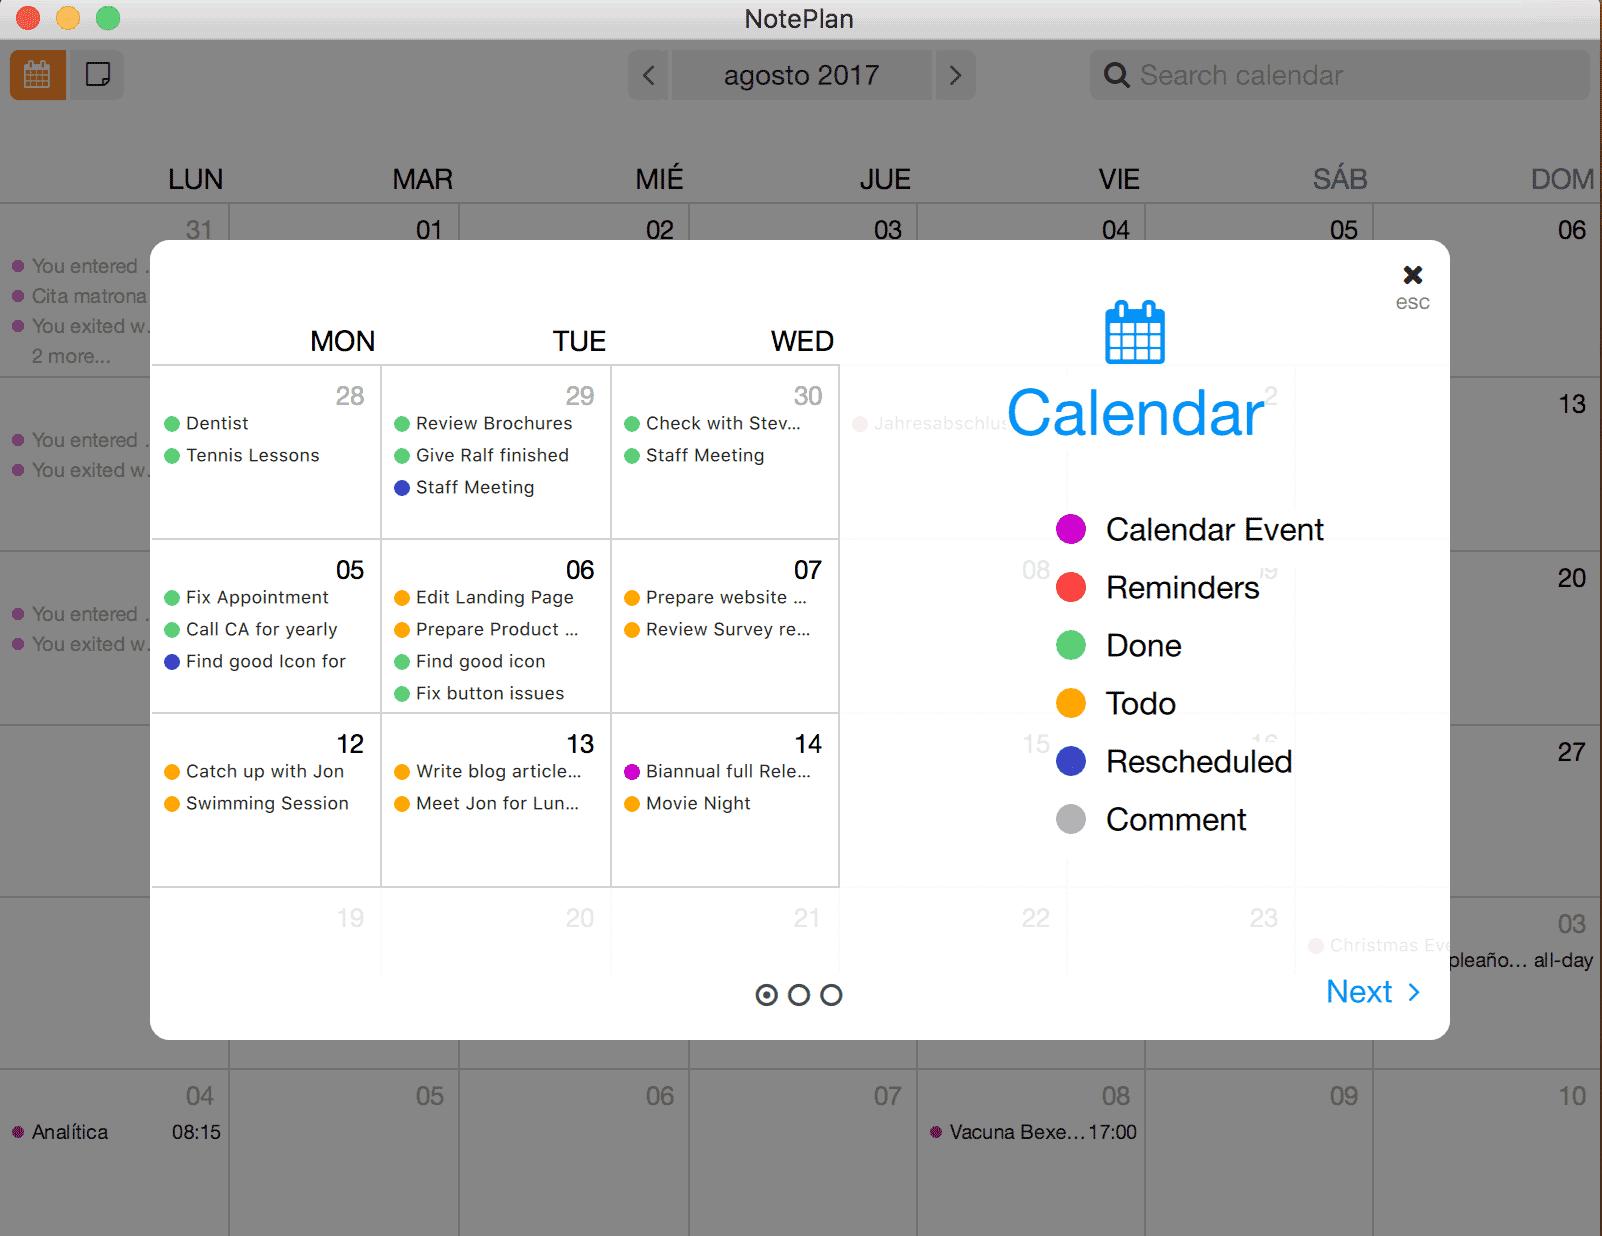 NotePlan Calendar